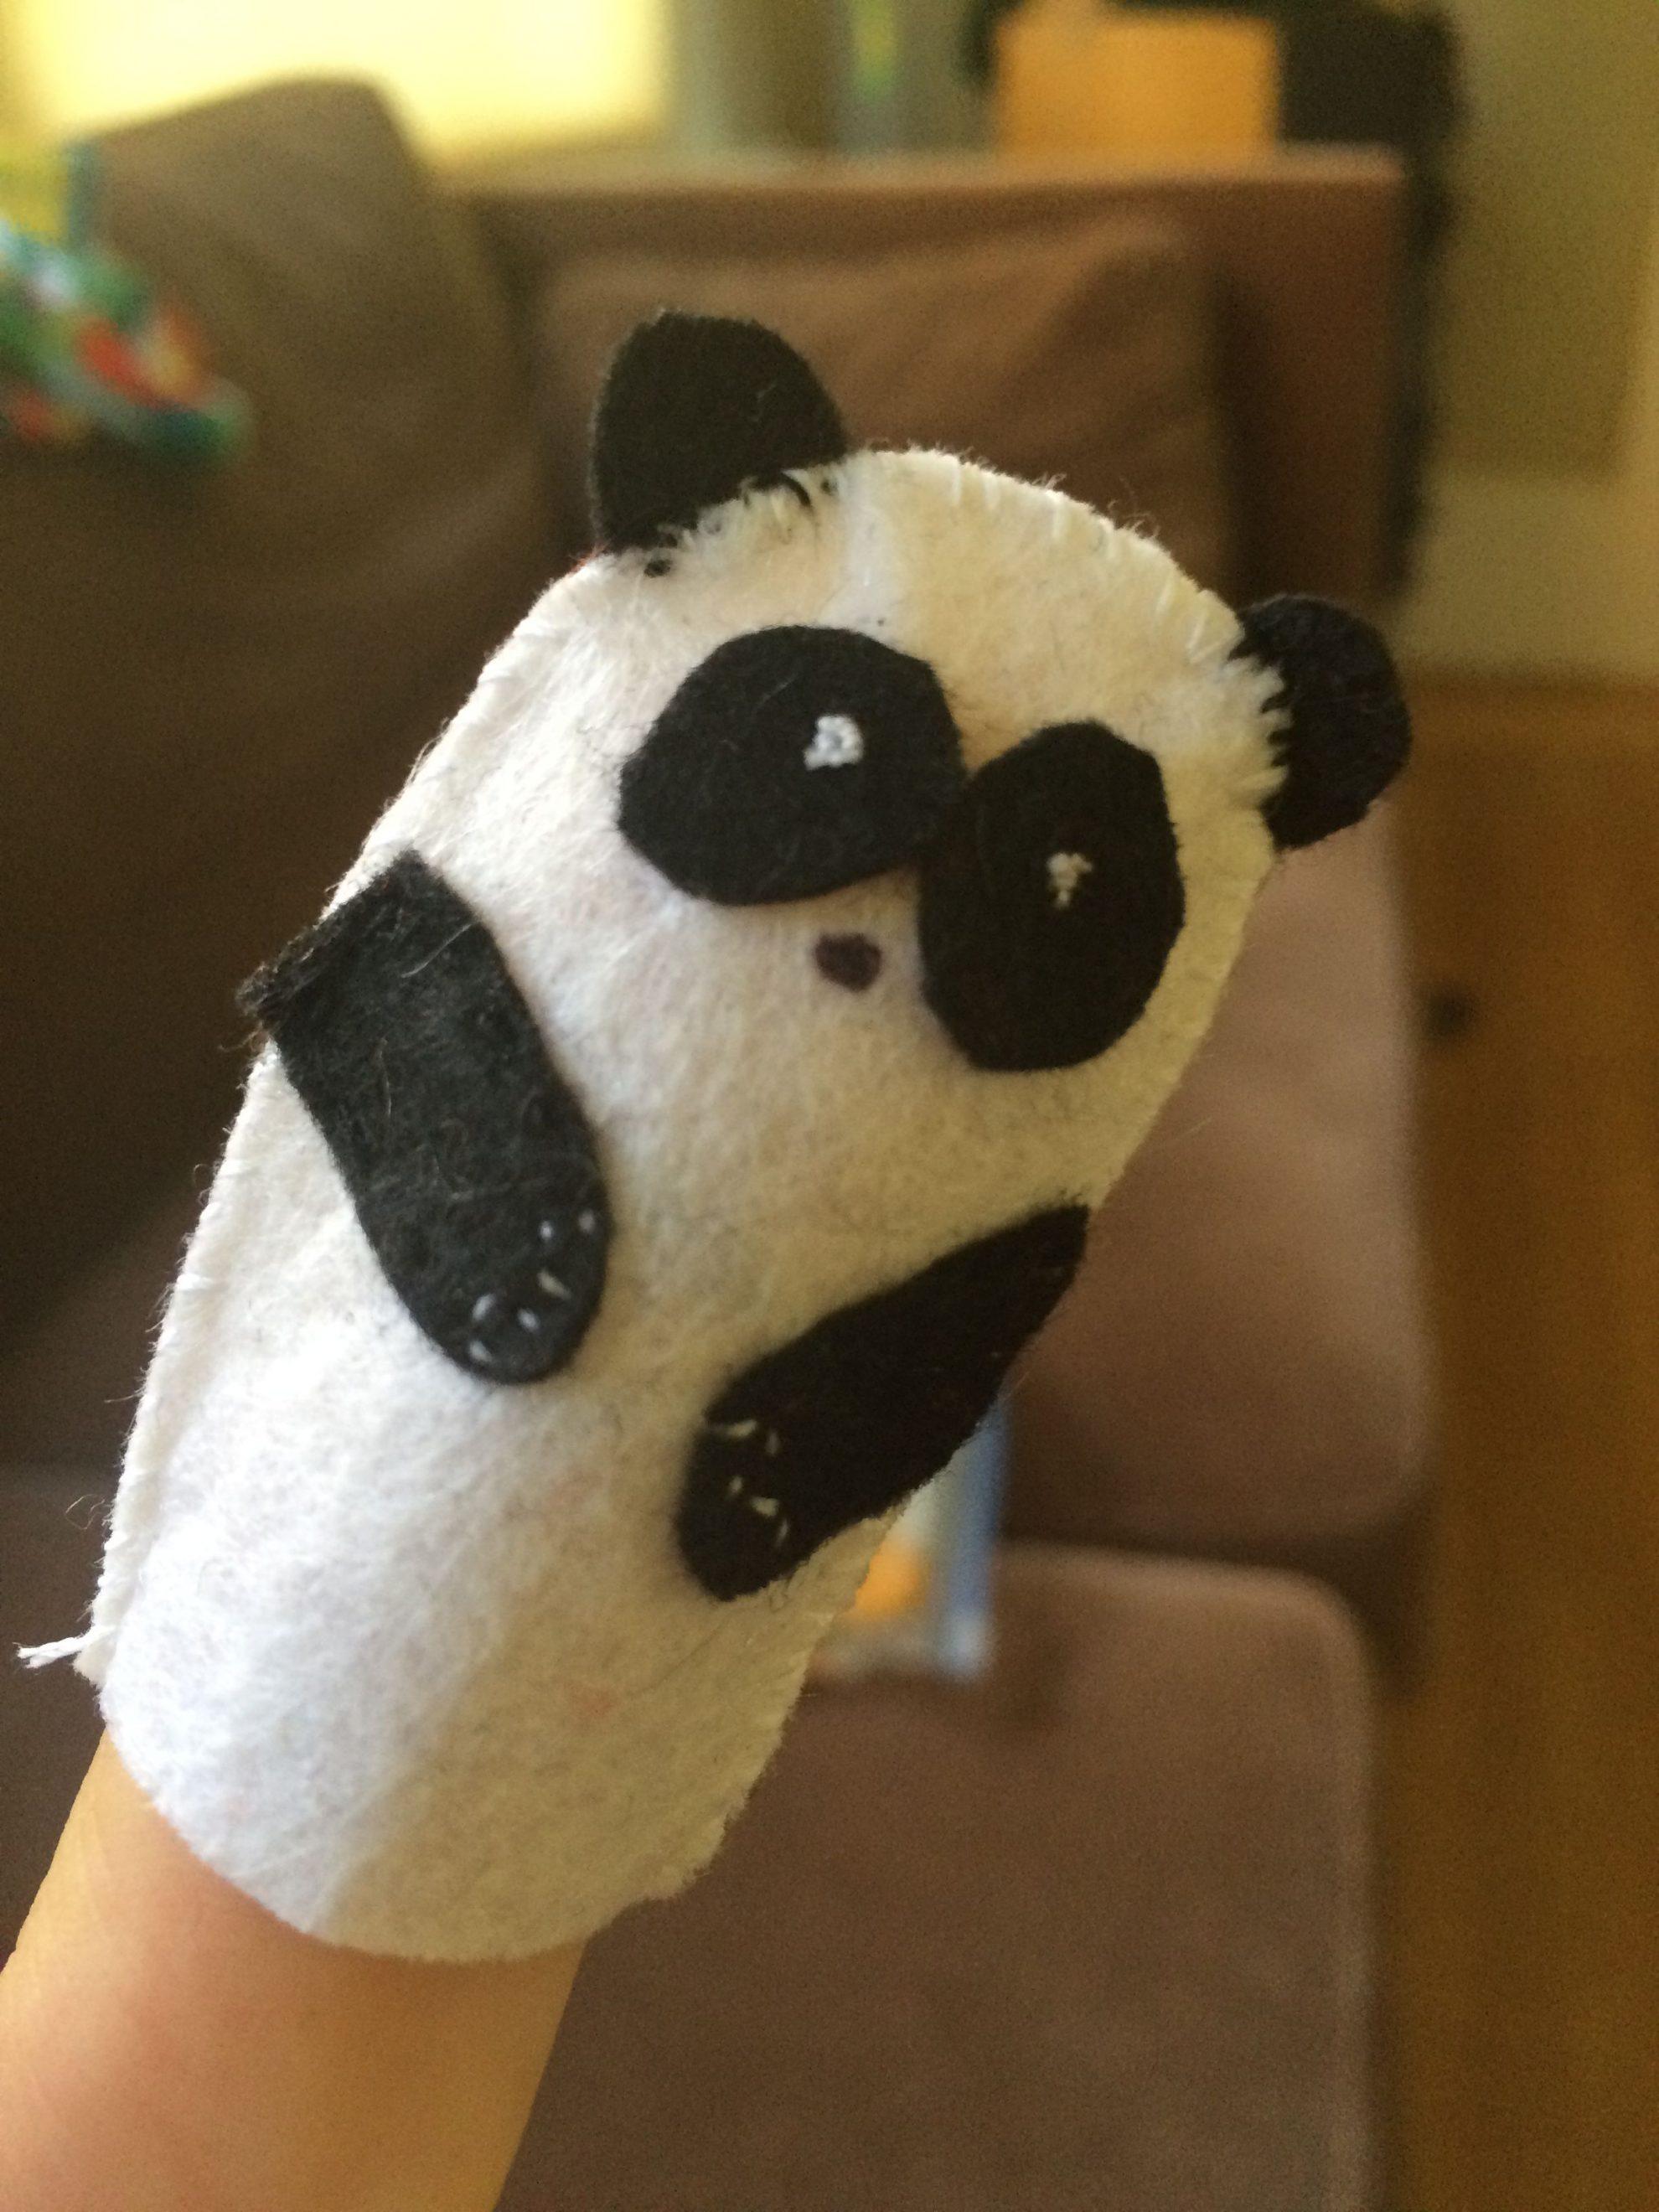 Felt Crafts for Kids Panda Finger Puppets